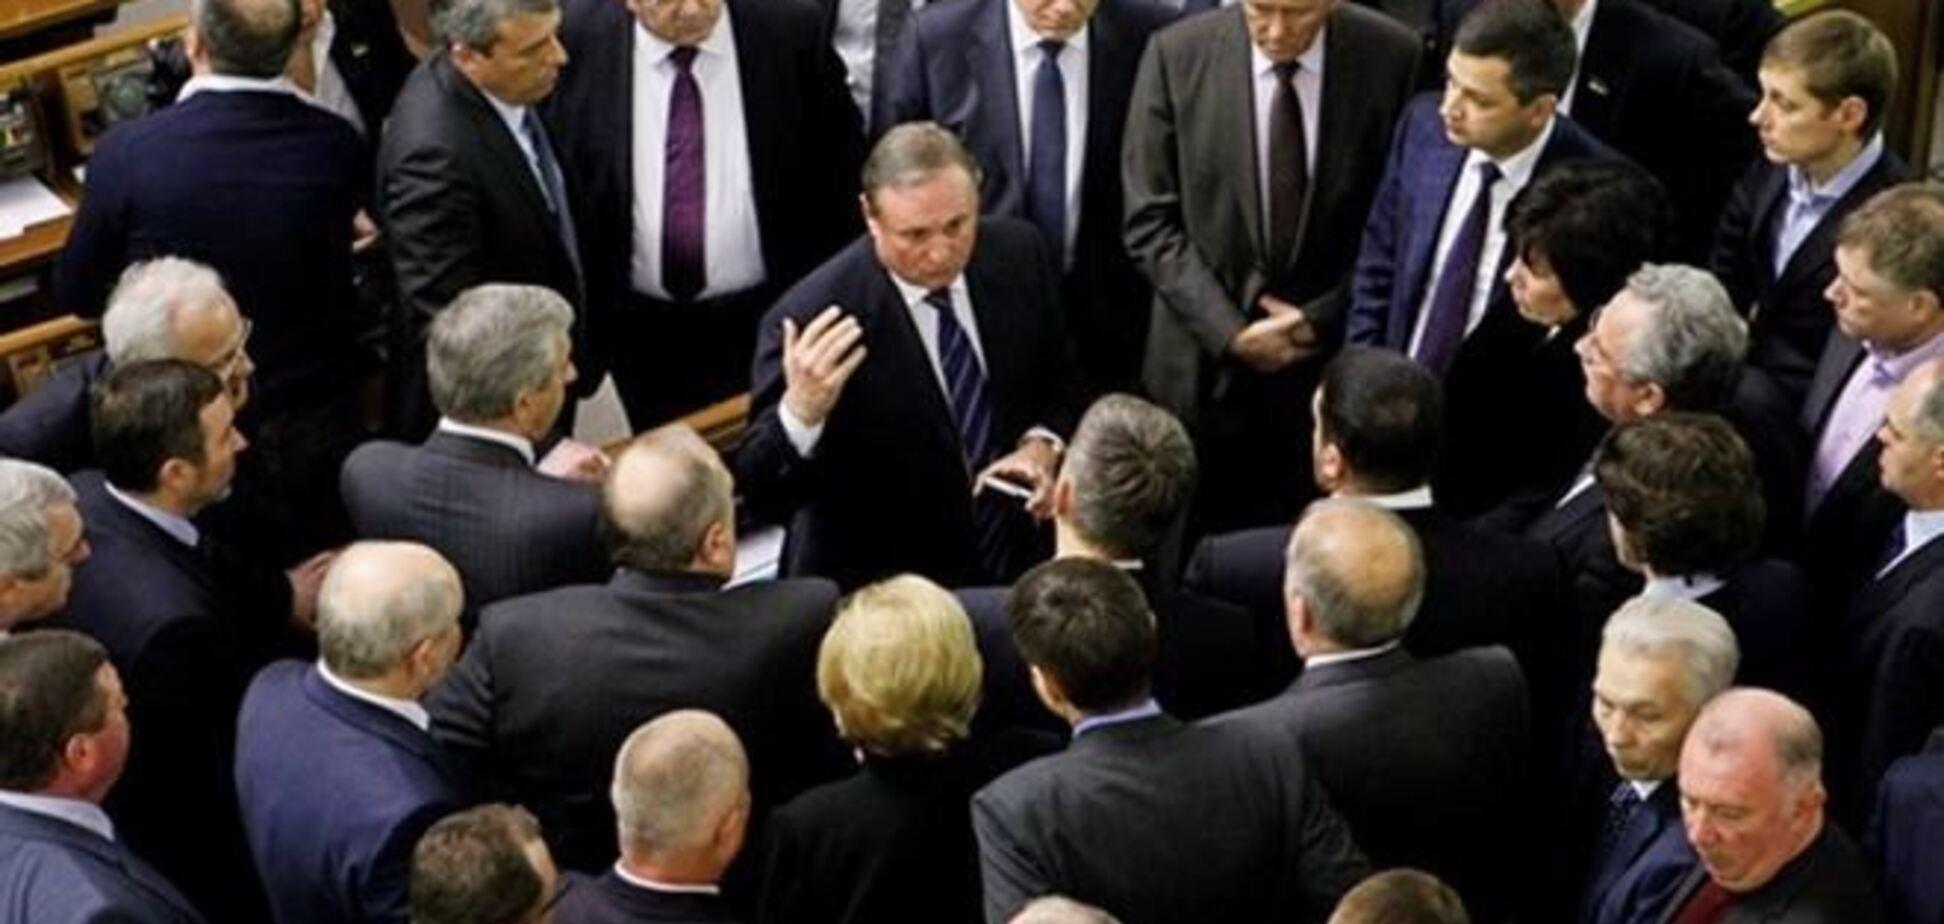 Заявления о выходе из фракции ПР написали 14 депутатов. Список